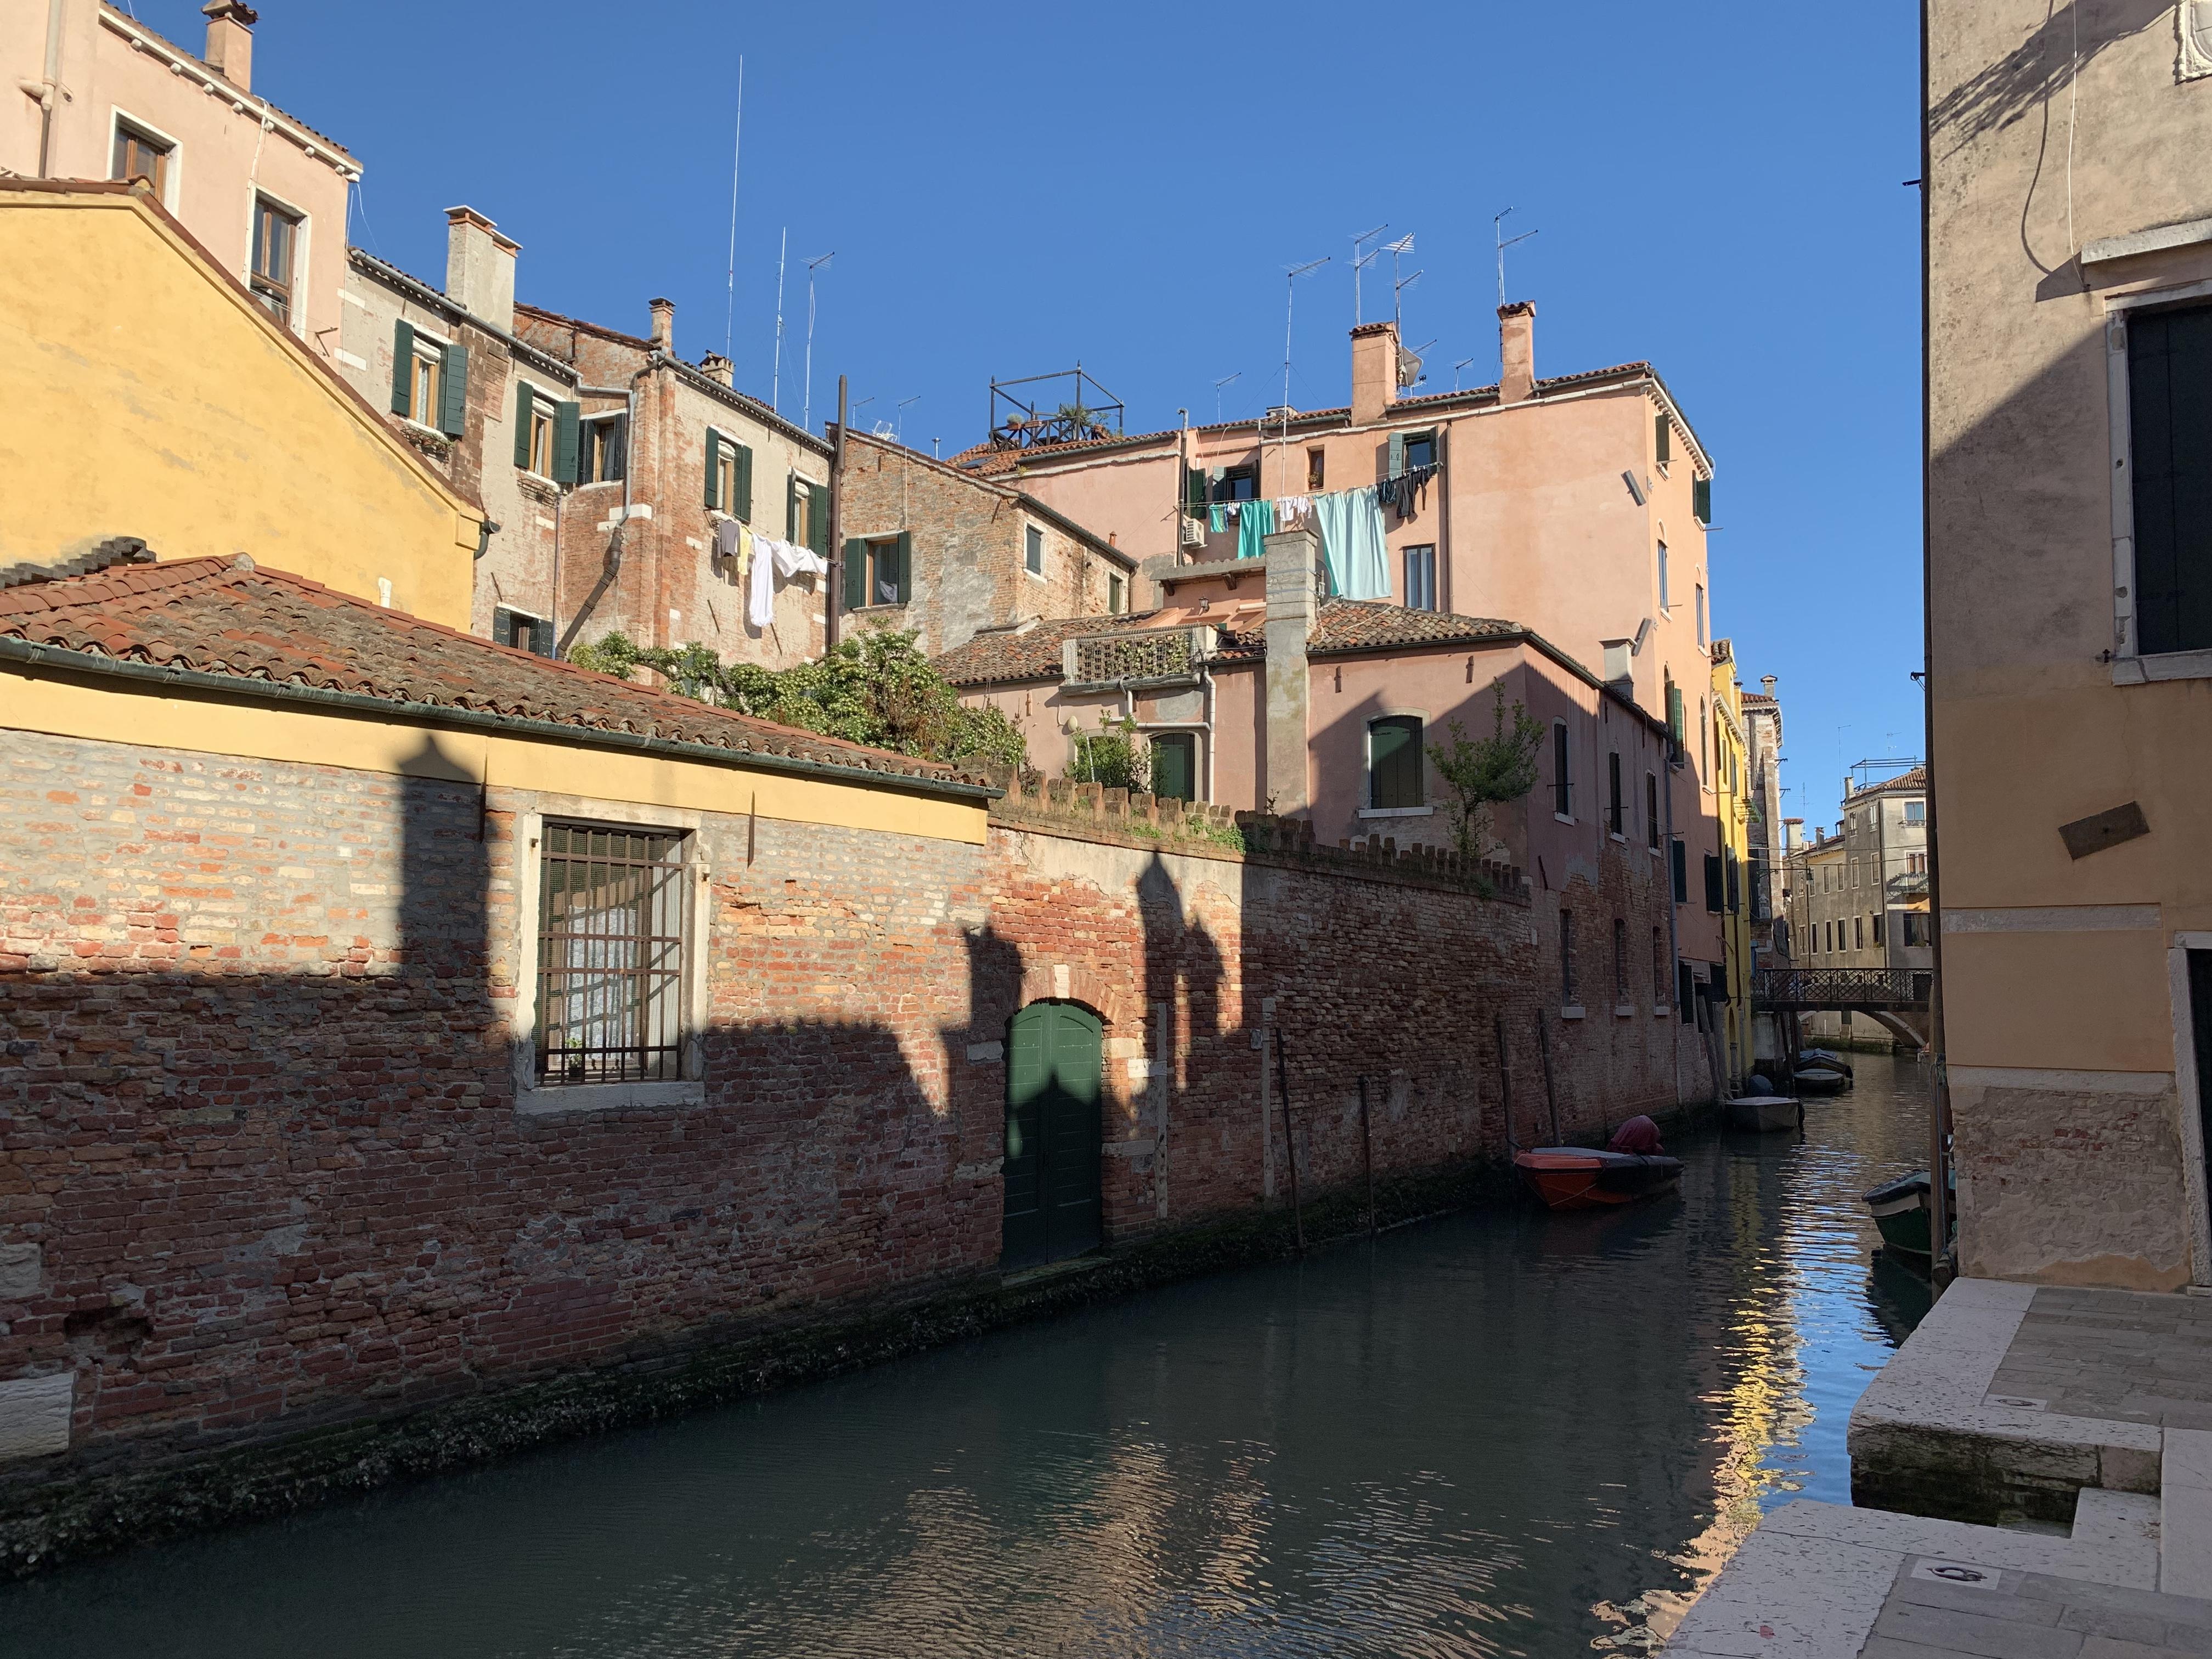 Palazzo-Contarini-Della-Porta-Di-Ferro-Hotel